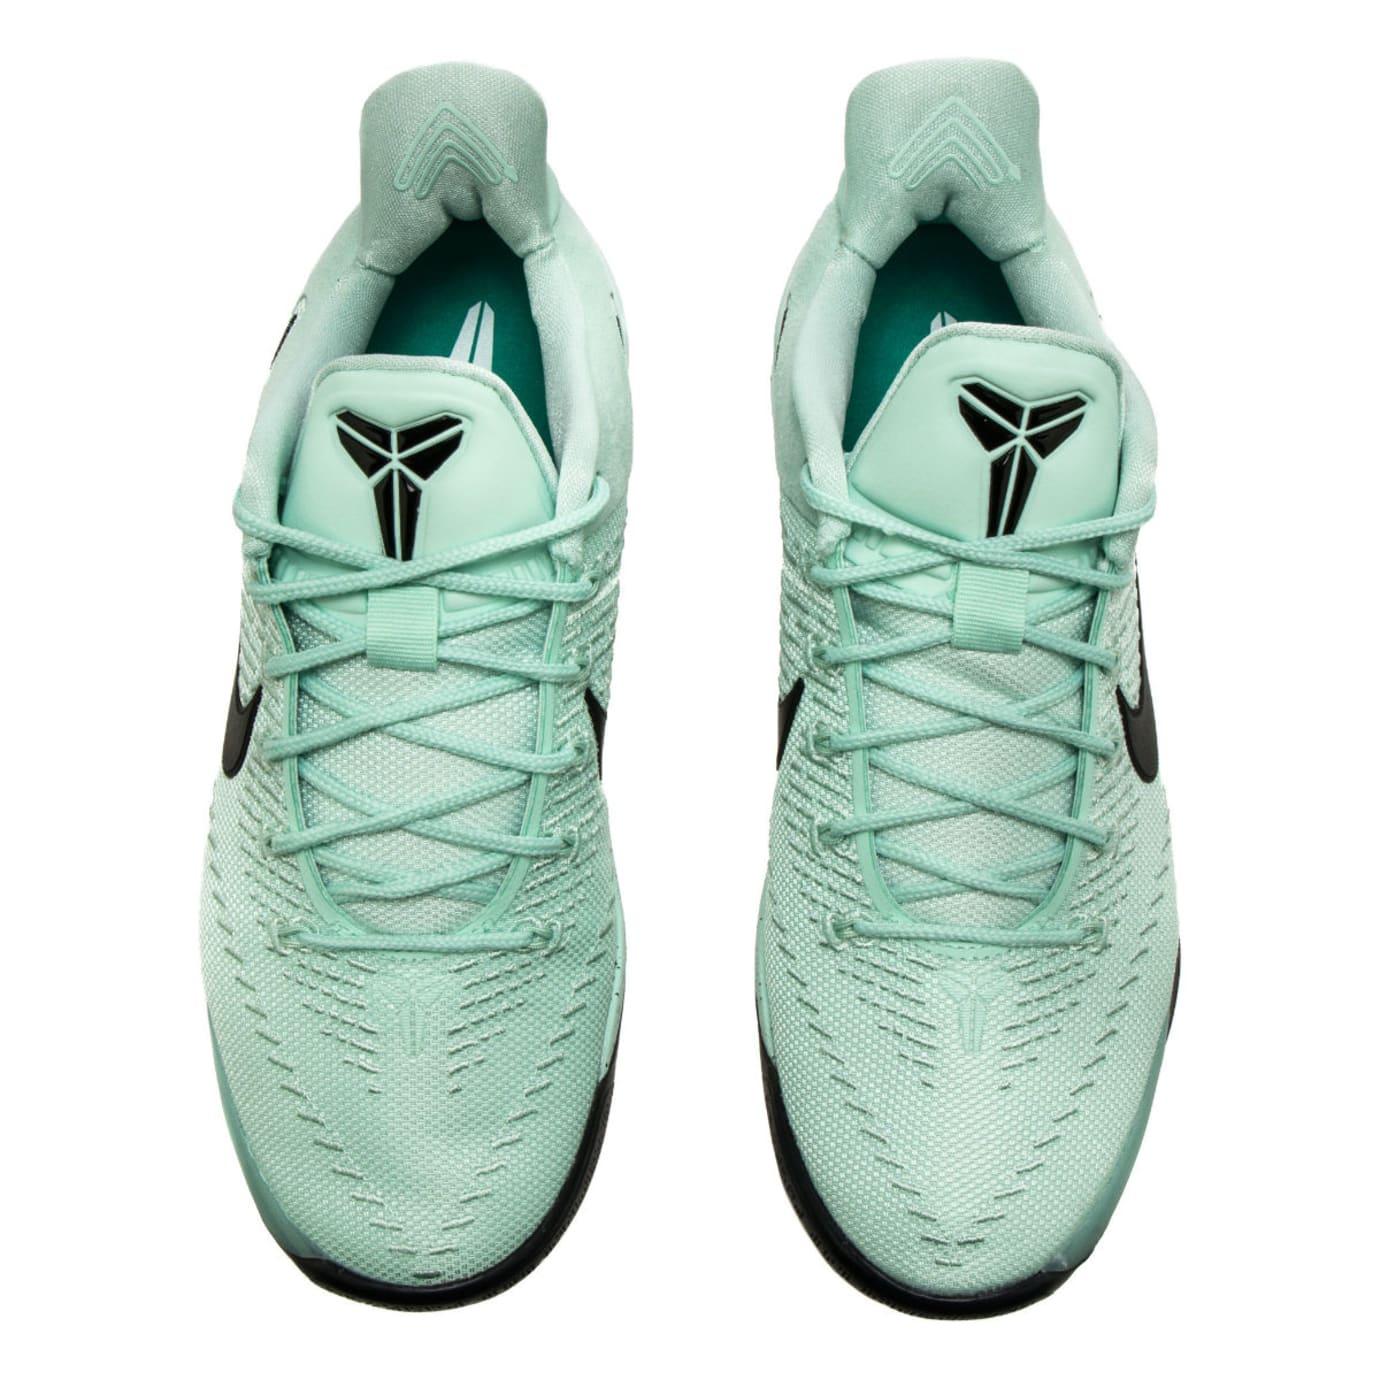 8a313246033 Nike Kobe A.D. Igloo Release Date Top 852425-300